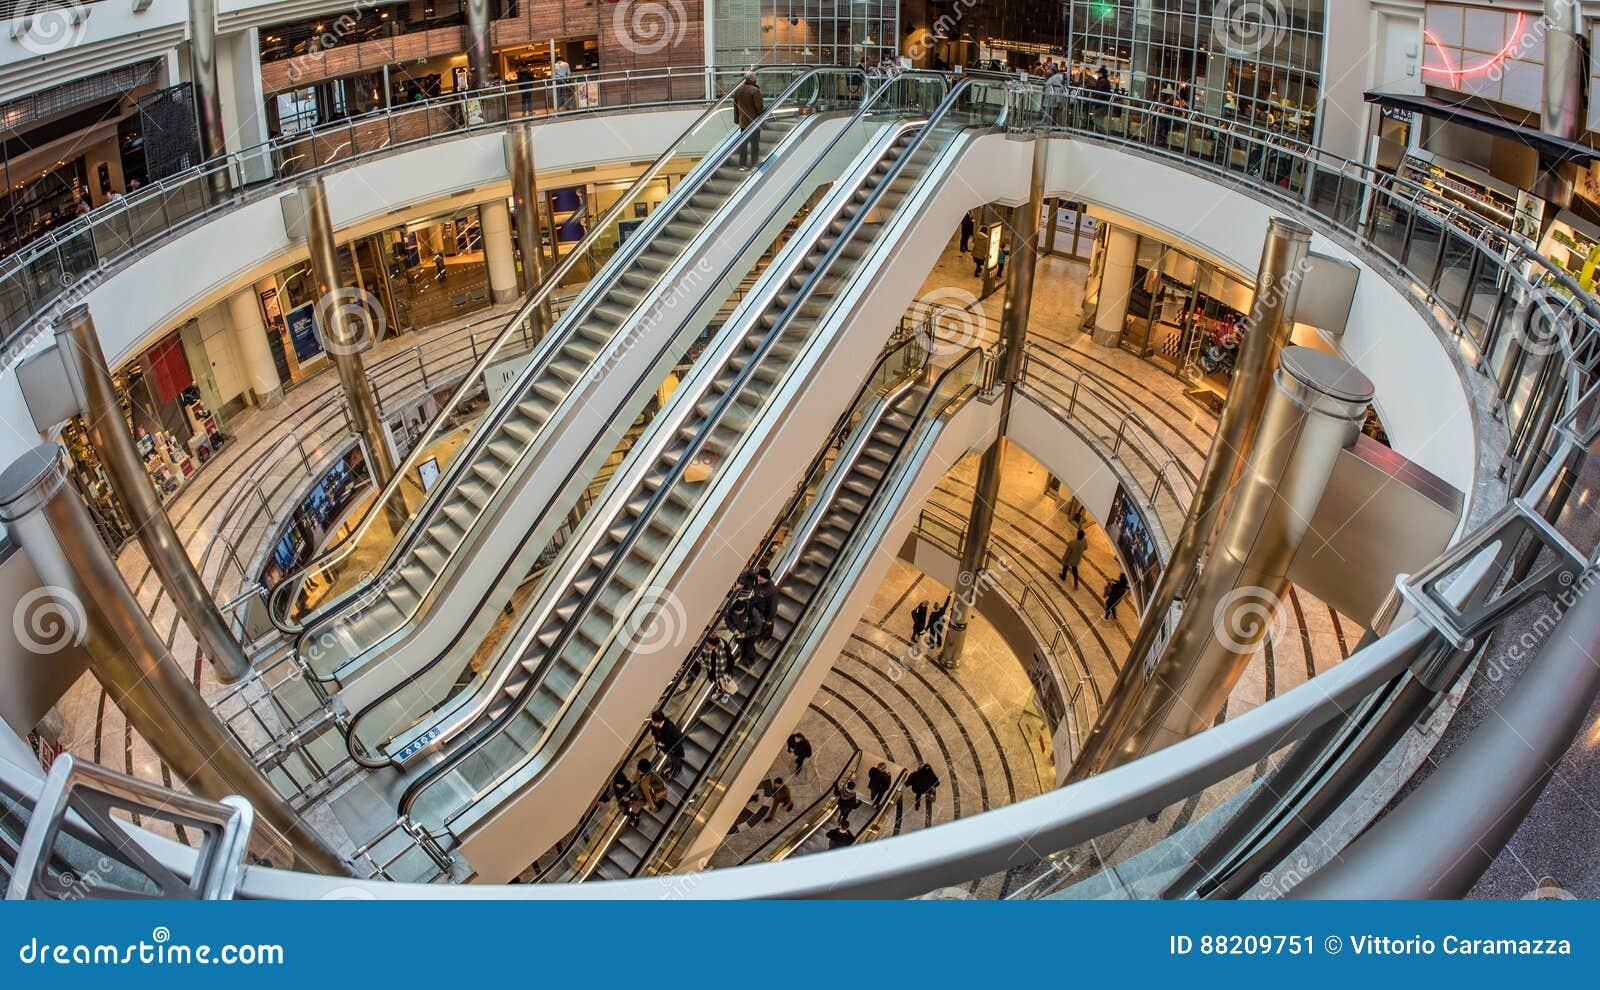 Un centro comercial en Warf amarillo, Londres